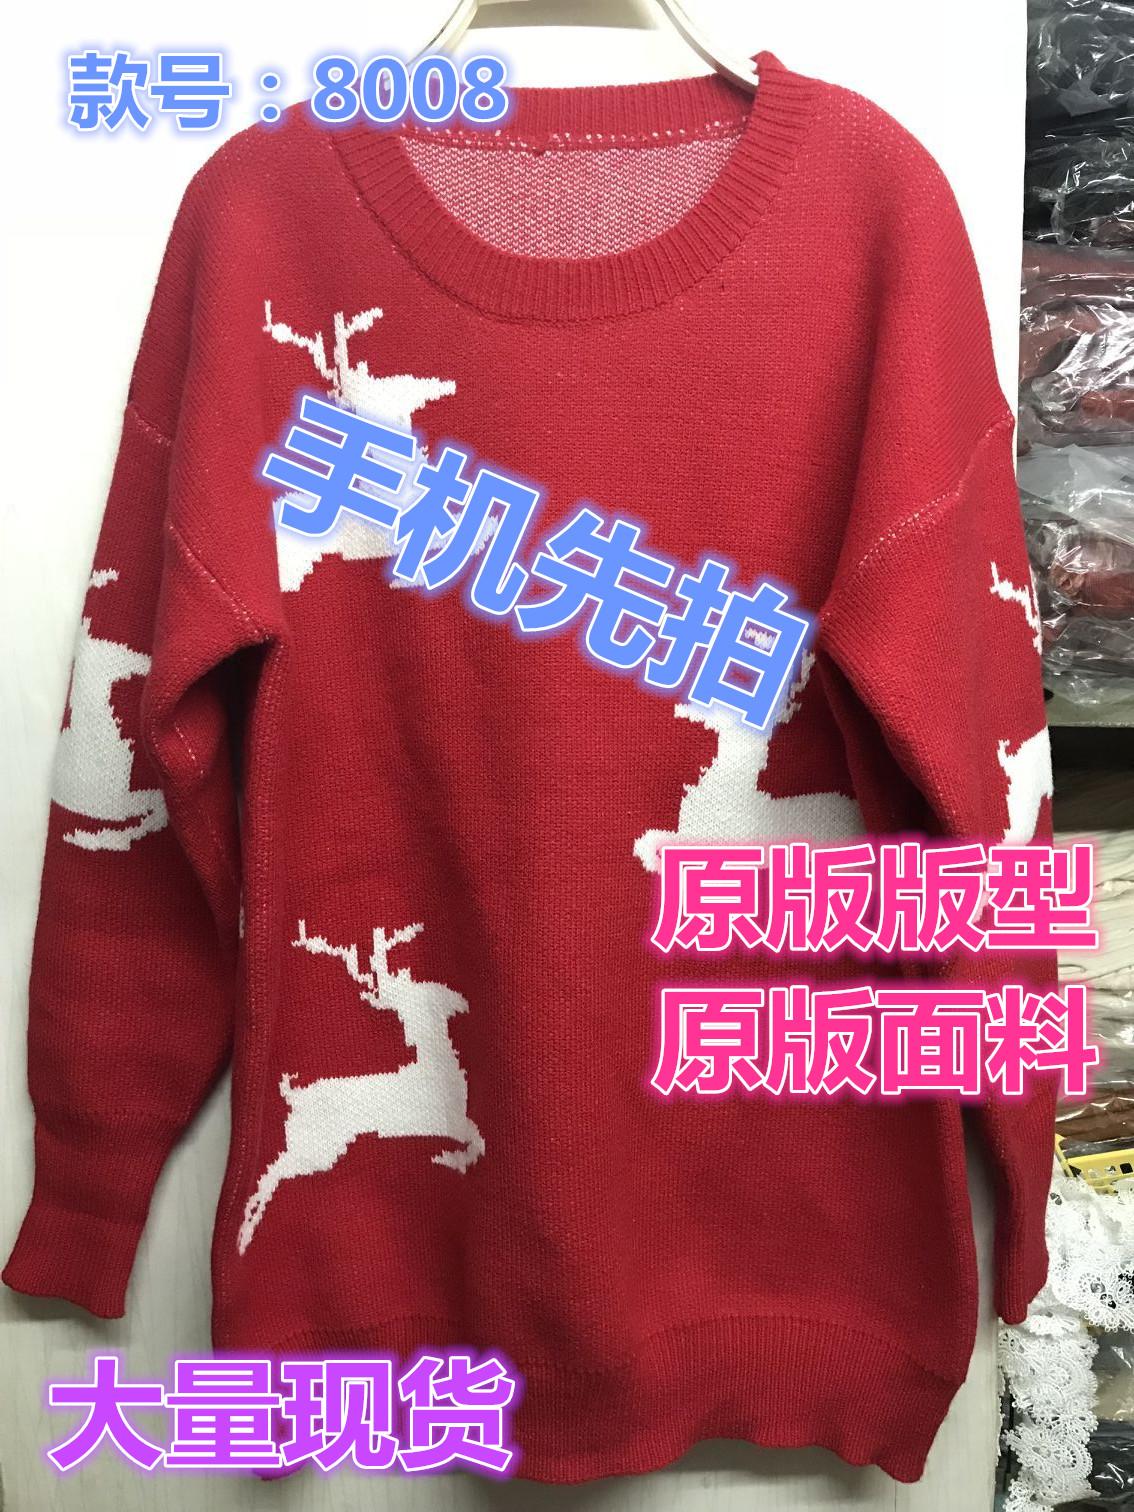 女装冬装2017新款潮 韩版宽松时尚圆领麋鹿圣诞毛衣女冬复古套头